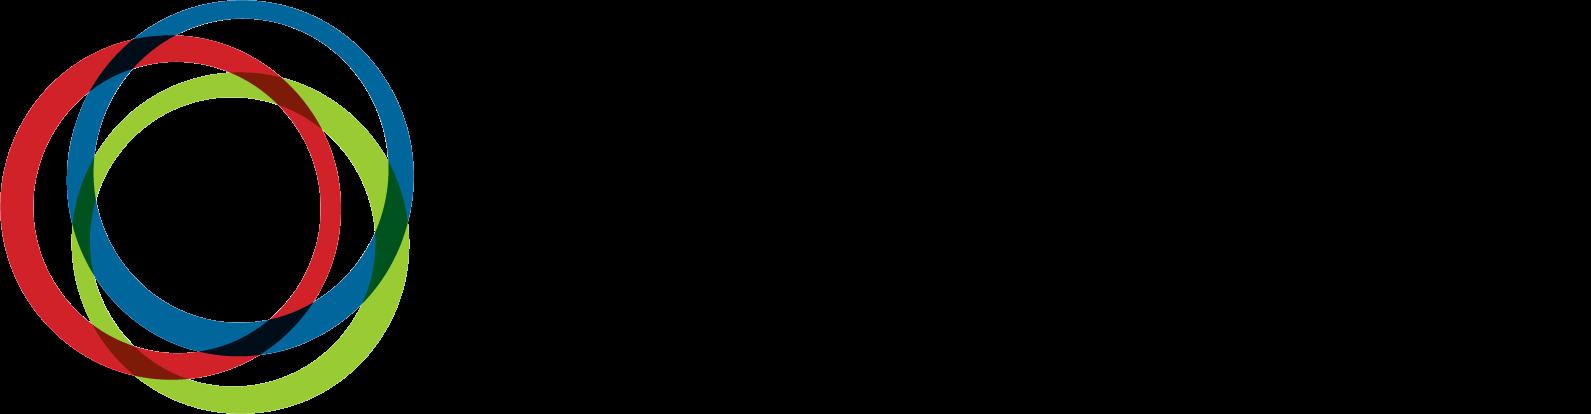 Web@30 on 12 March 2019   CERN